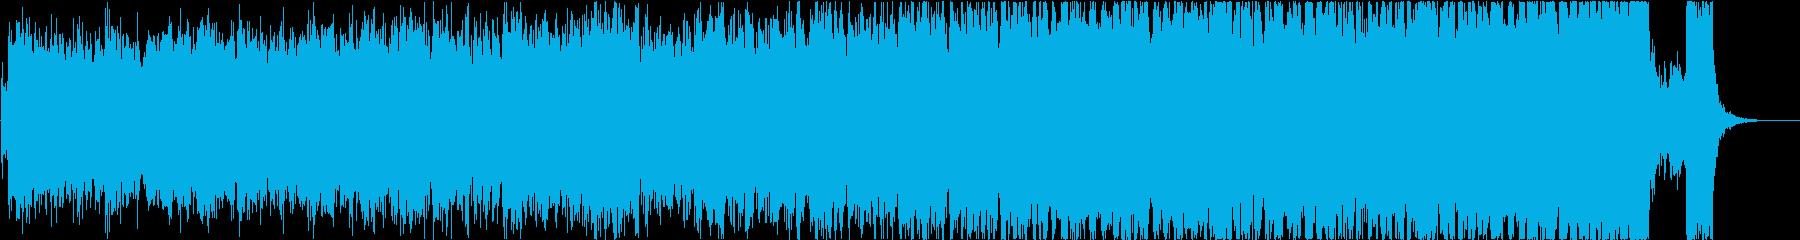 エピック、ヒロイック、シネマティックの再生済みの波形